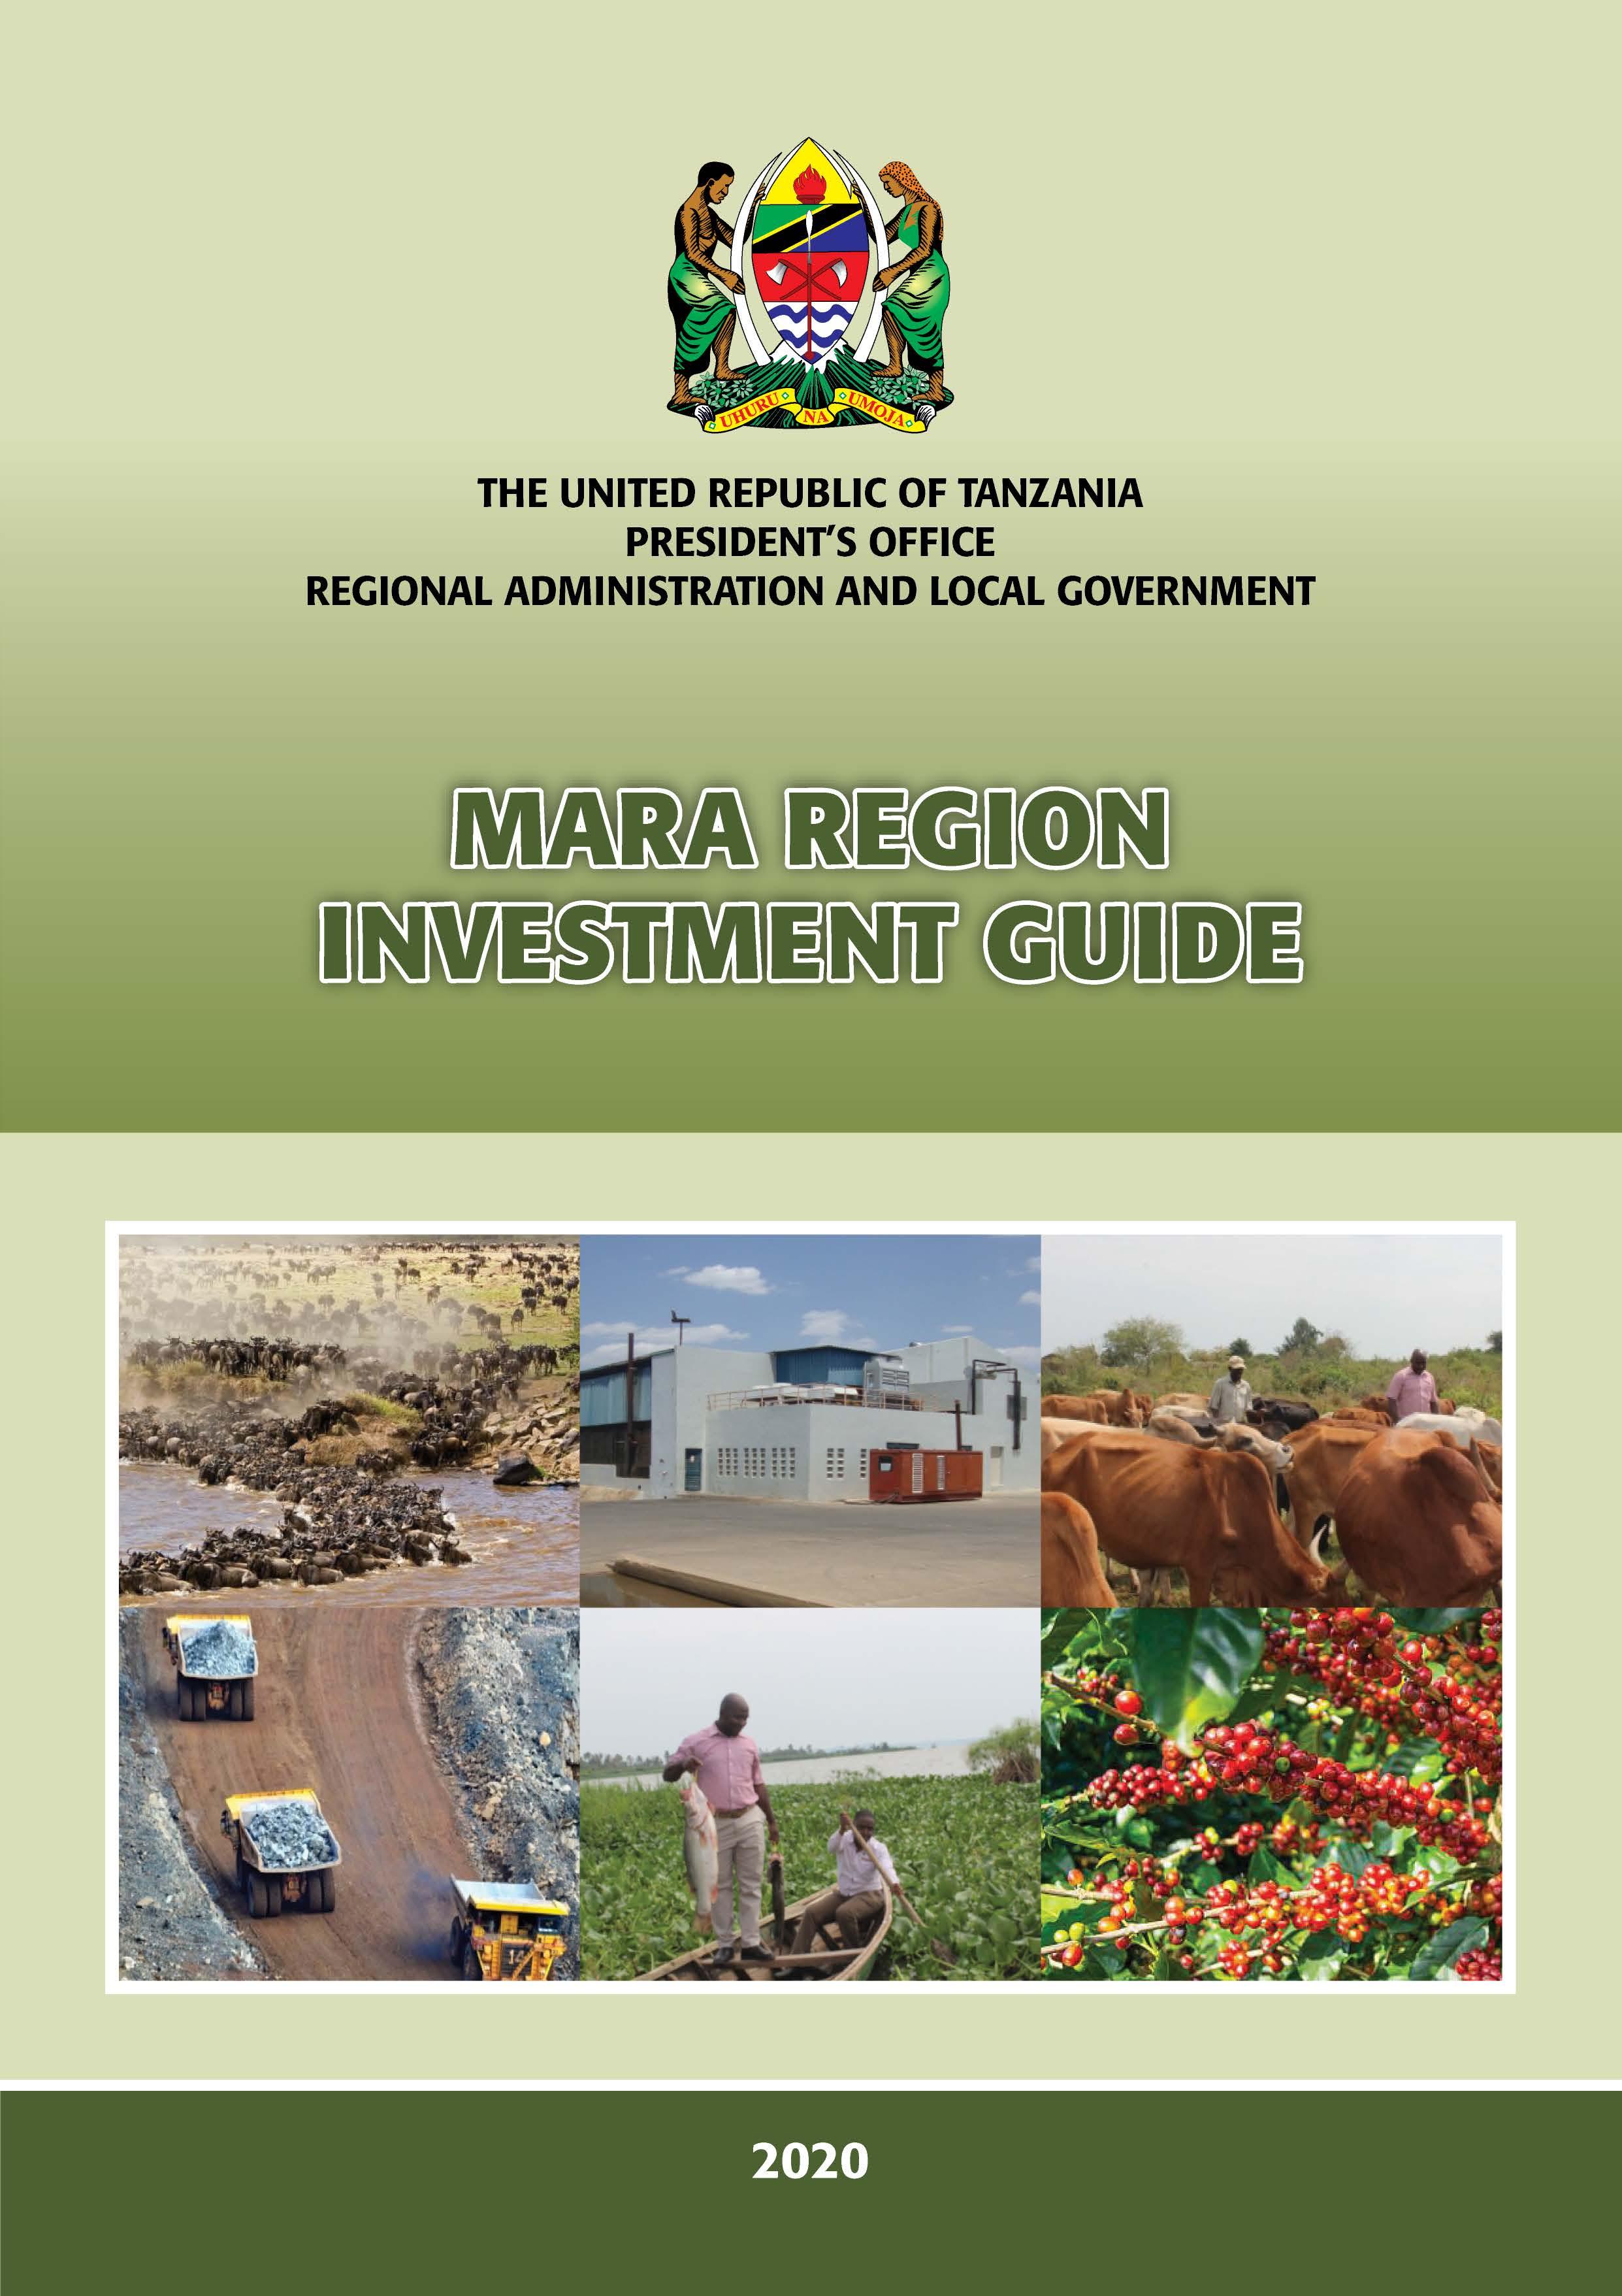 Mara Region Investment Guide